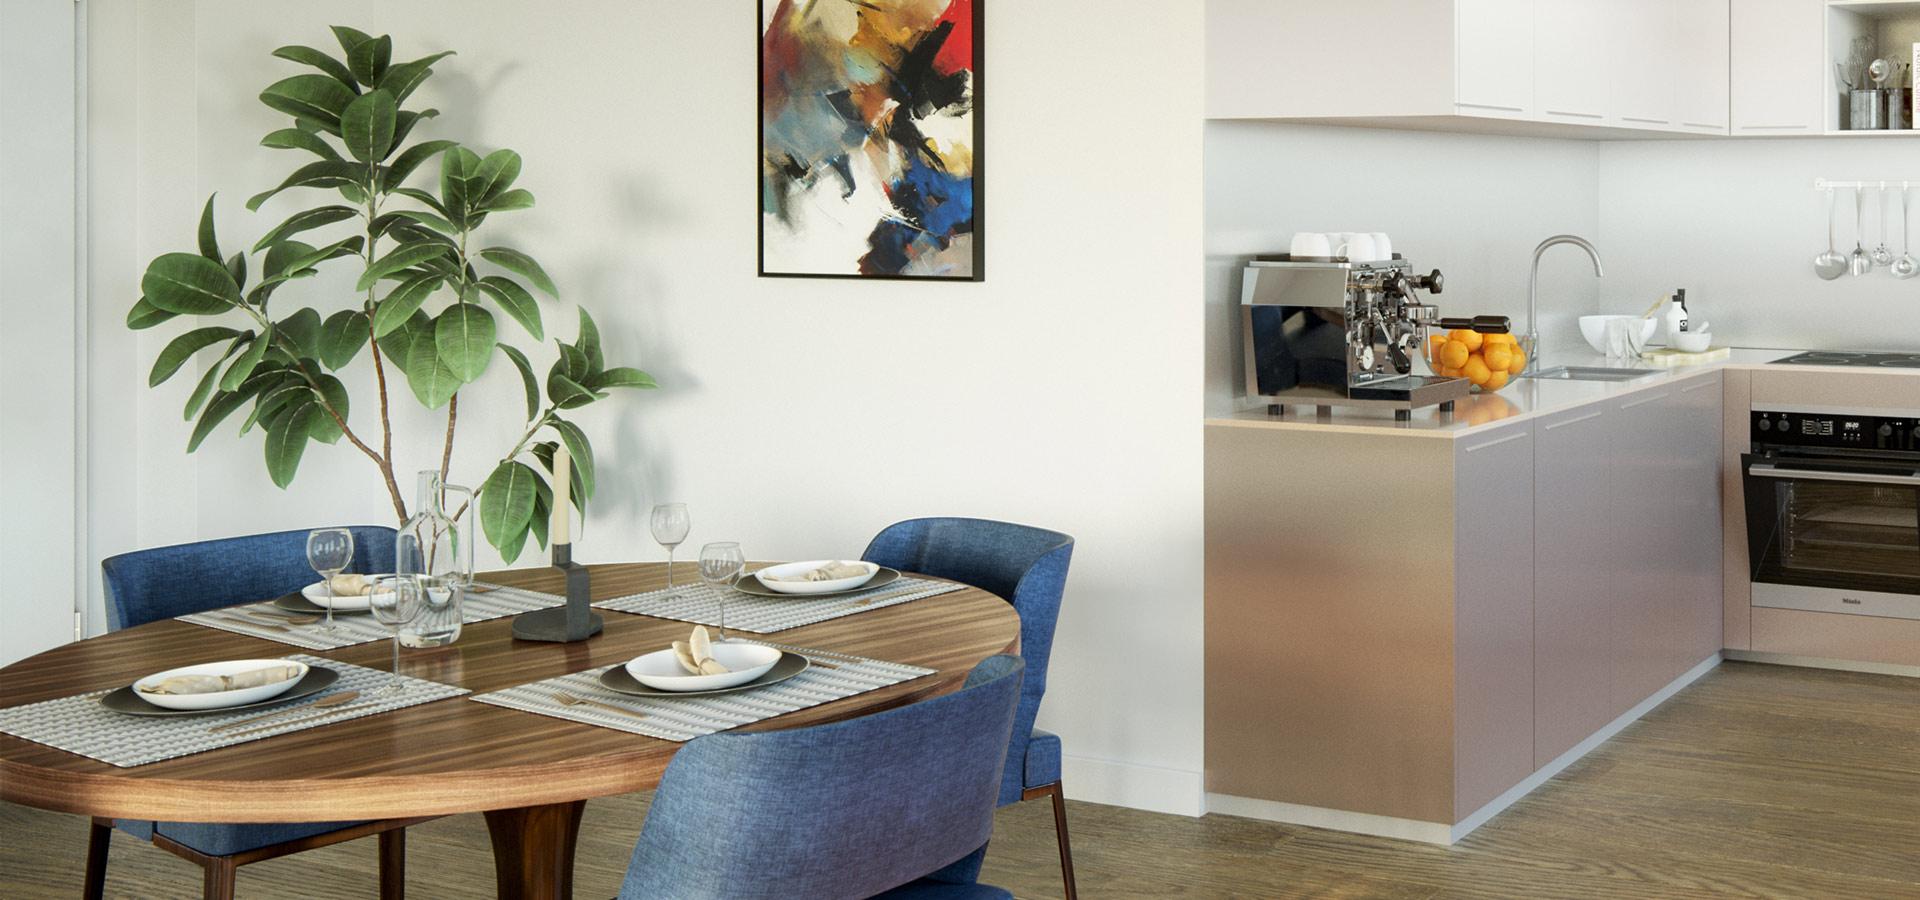 Inspirierend Tisch Esszimmer Sammlung Von Contentassets/6329b4fdaaa54b0bb500726b3b75174a/bonava-esszimmer -einrichten-runder-tisch.jpg